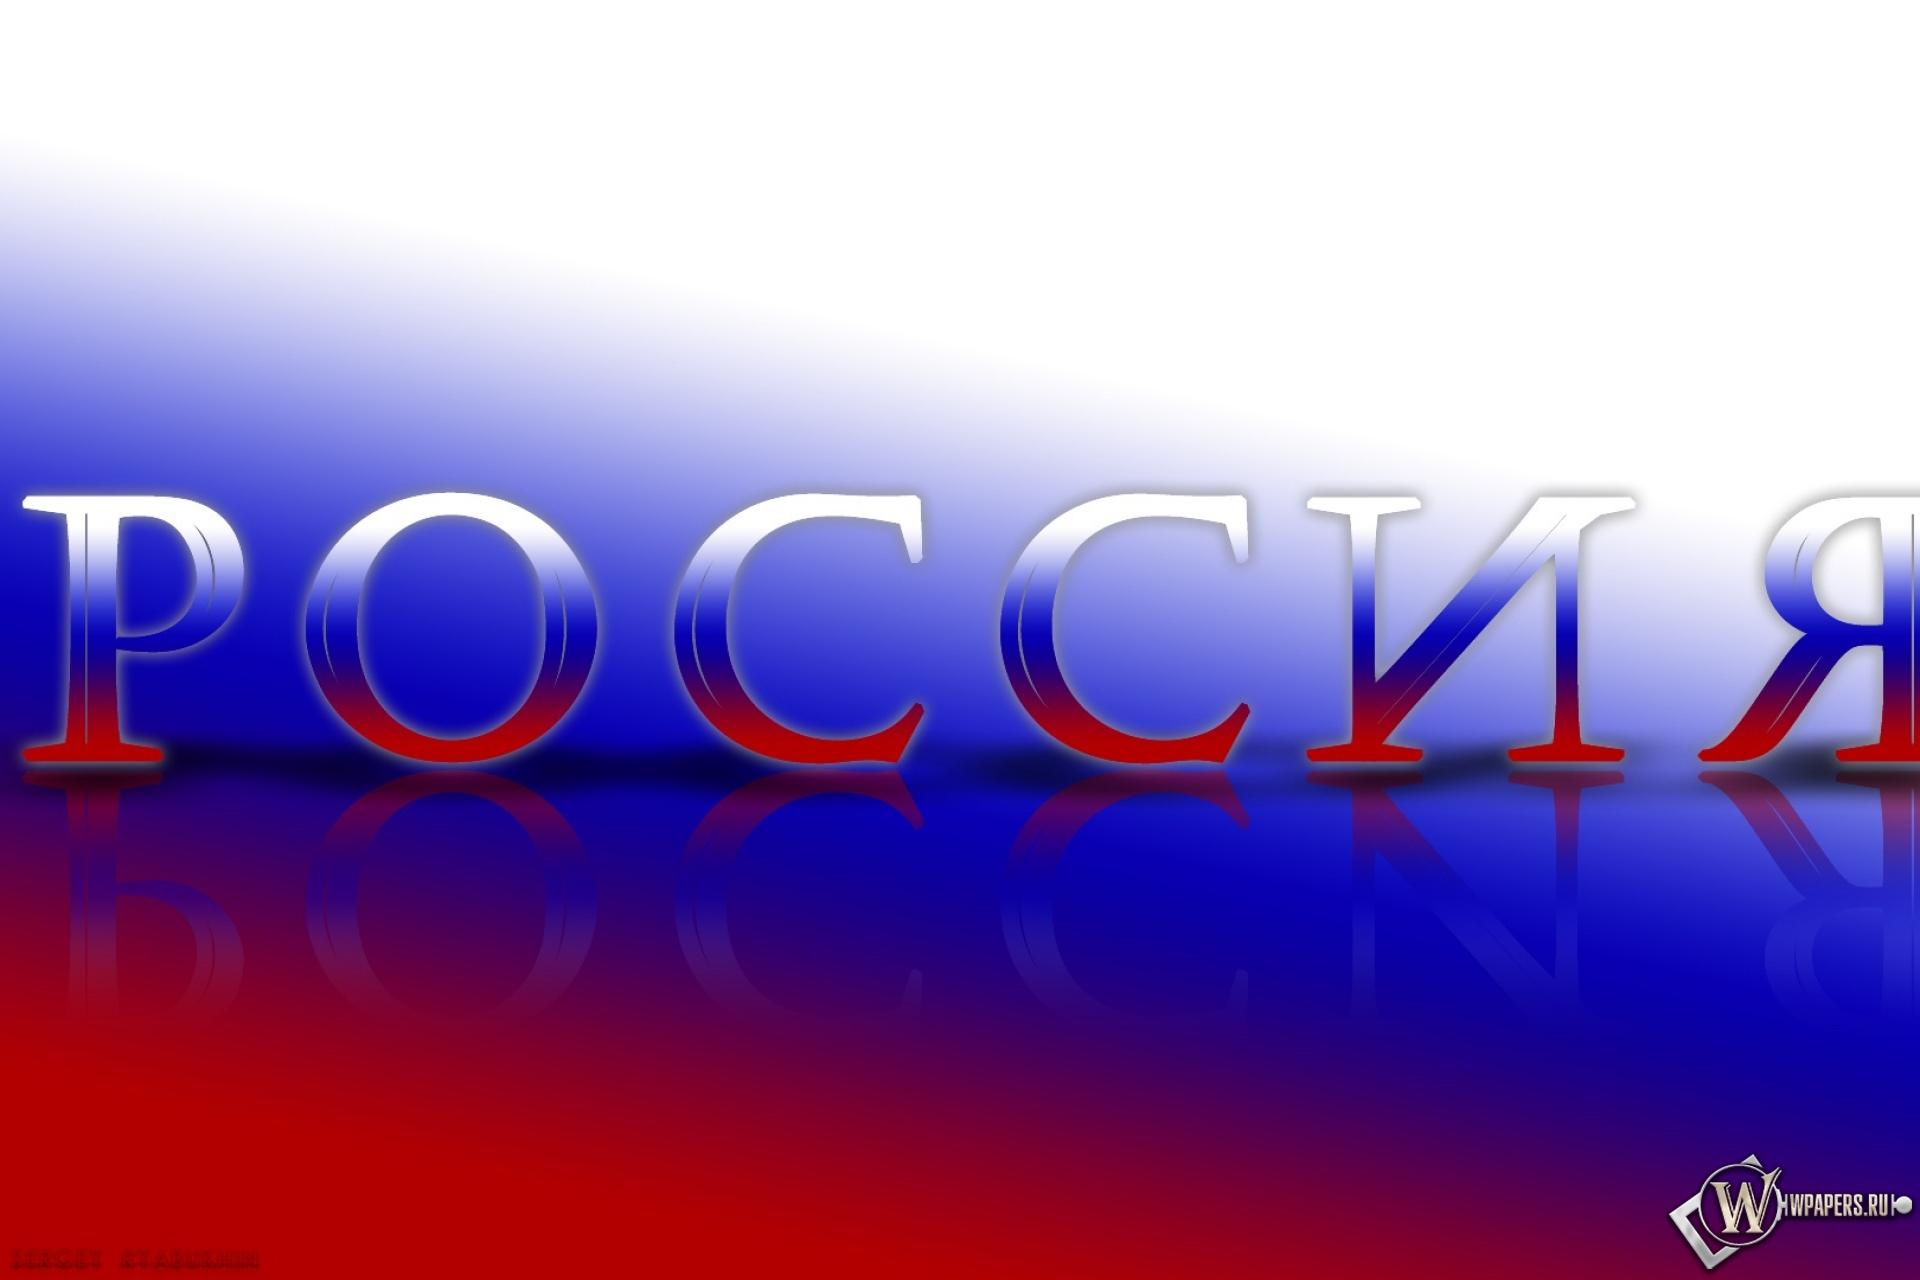 Картинки с надписью россии